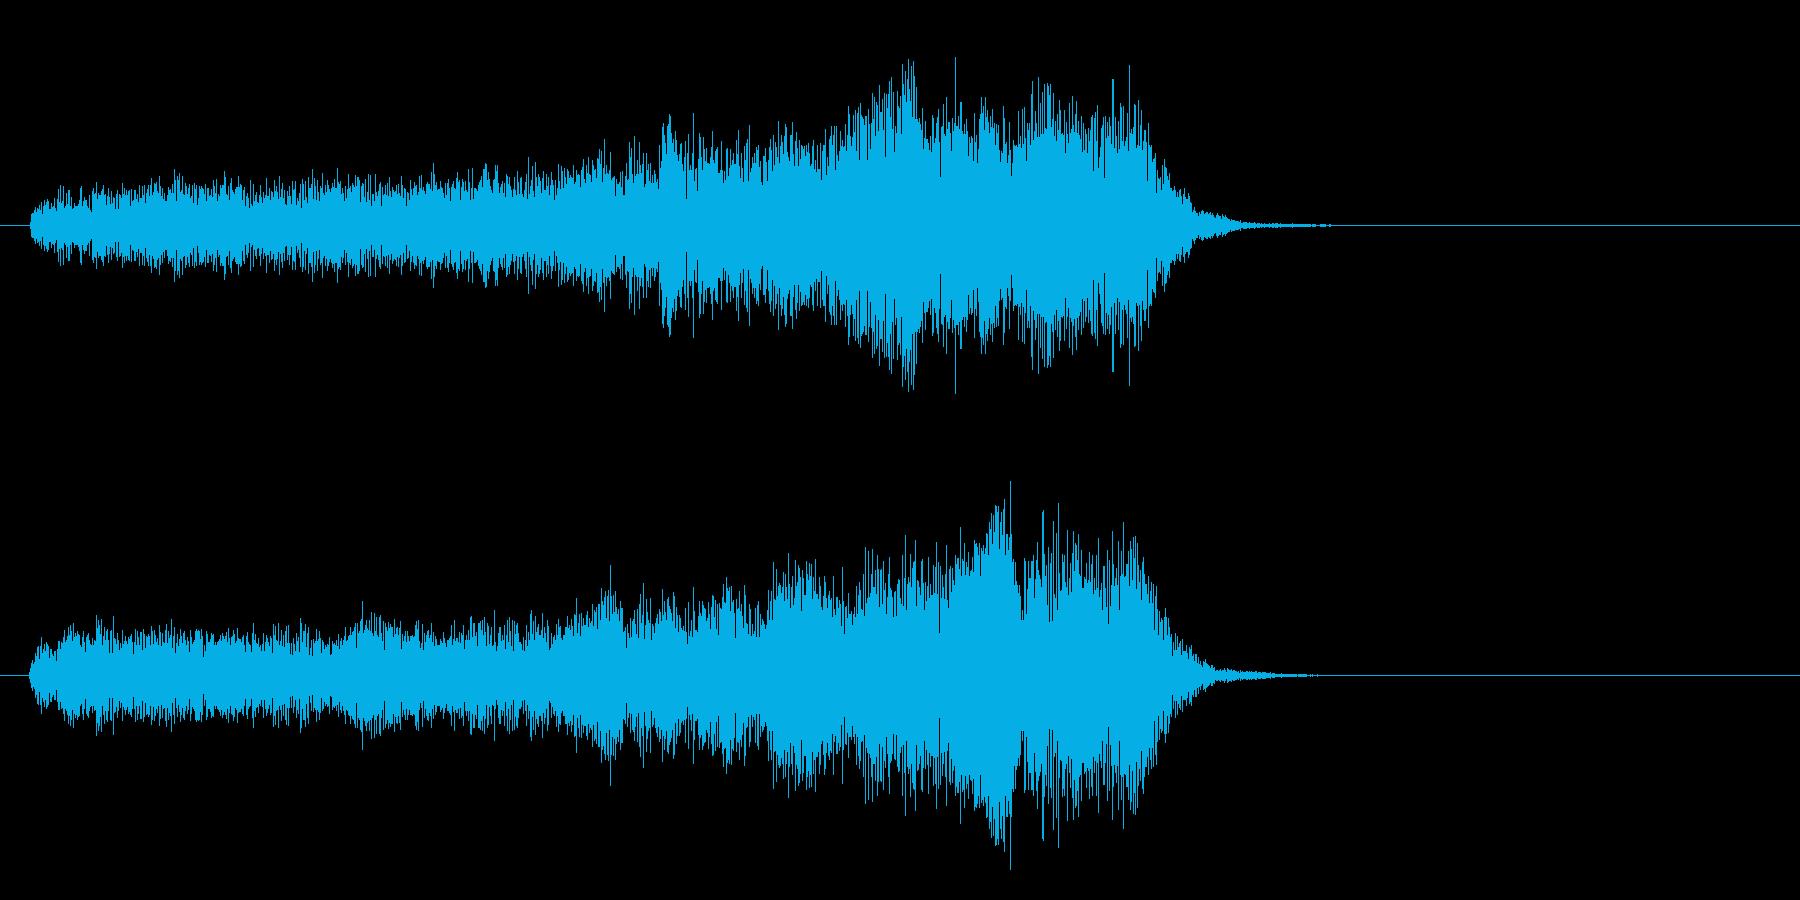 重力場の再生済みの波形